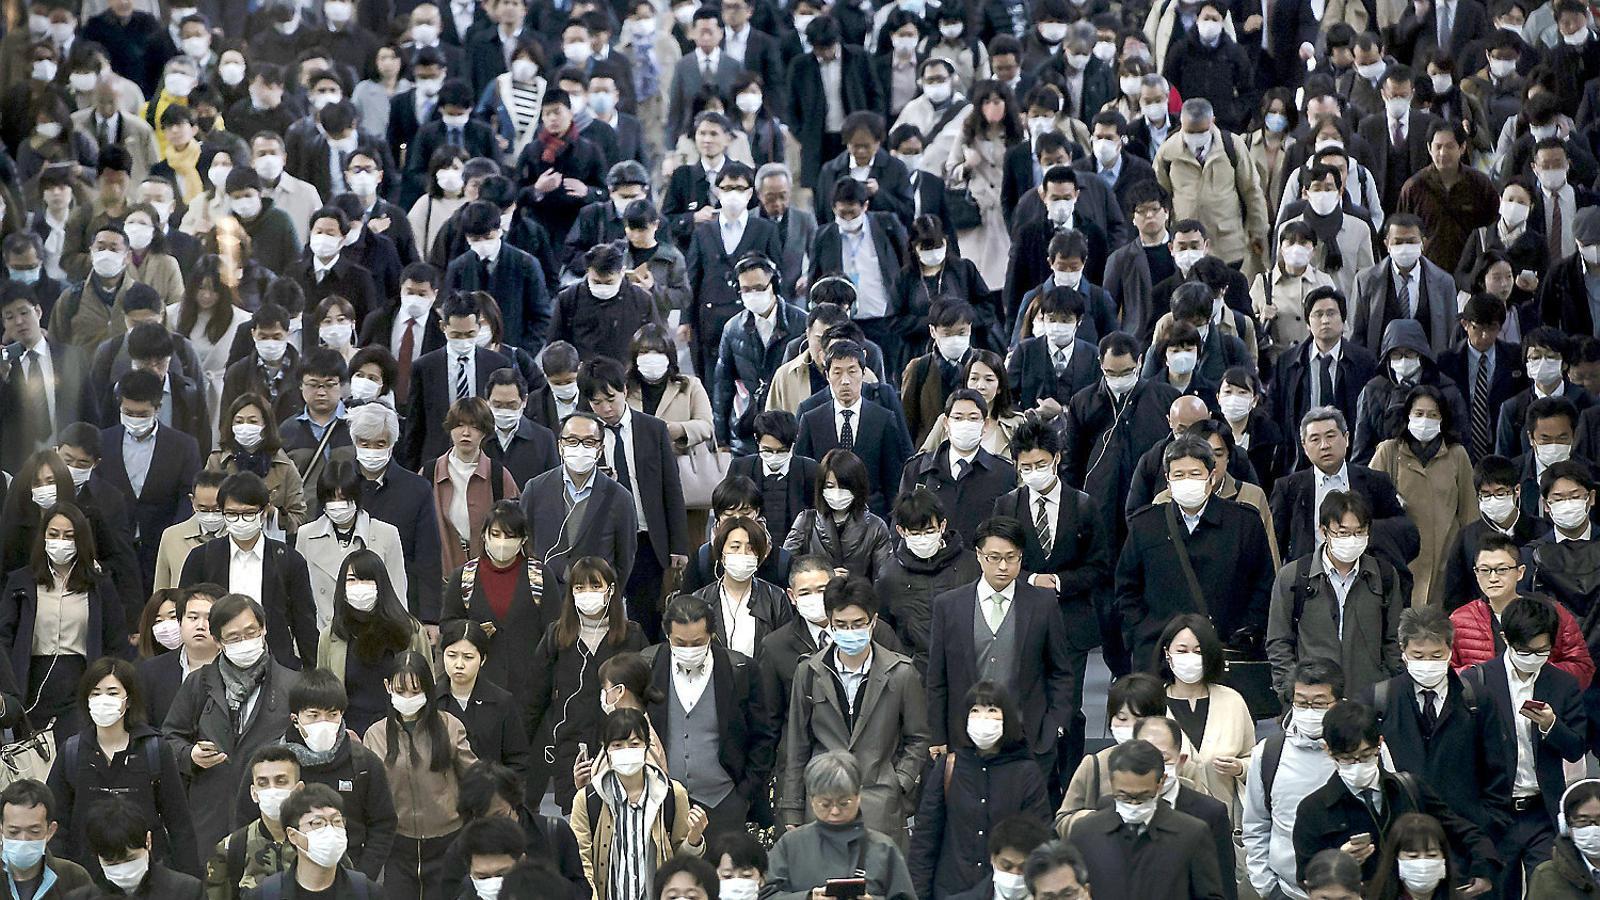 Ciutadans al metro de Tòquio durant la primera onada de la pandèmia.